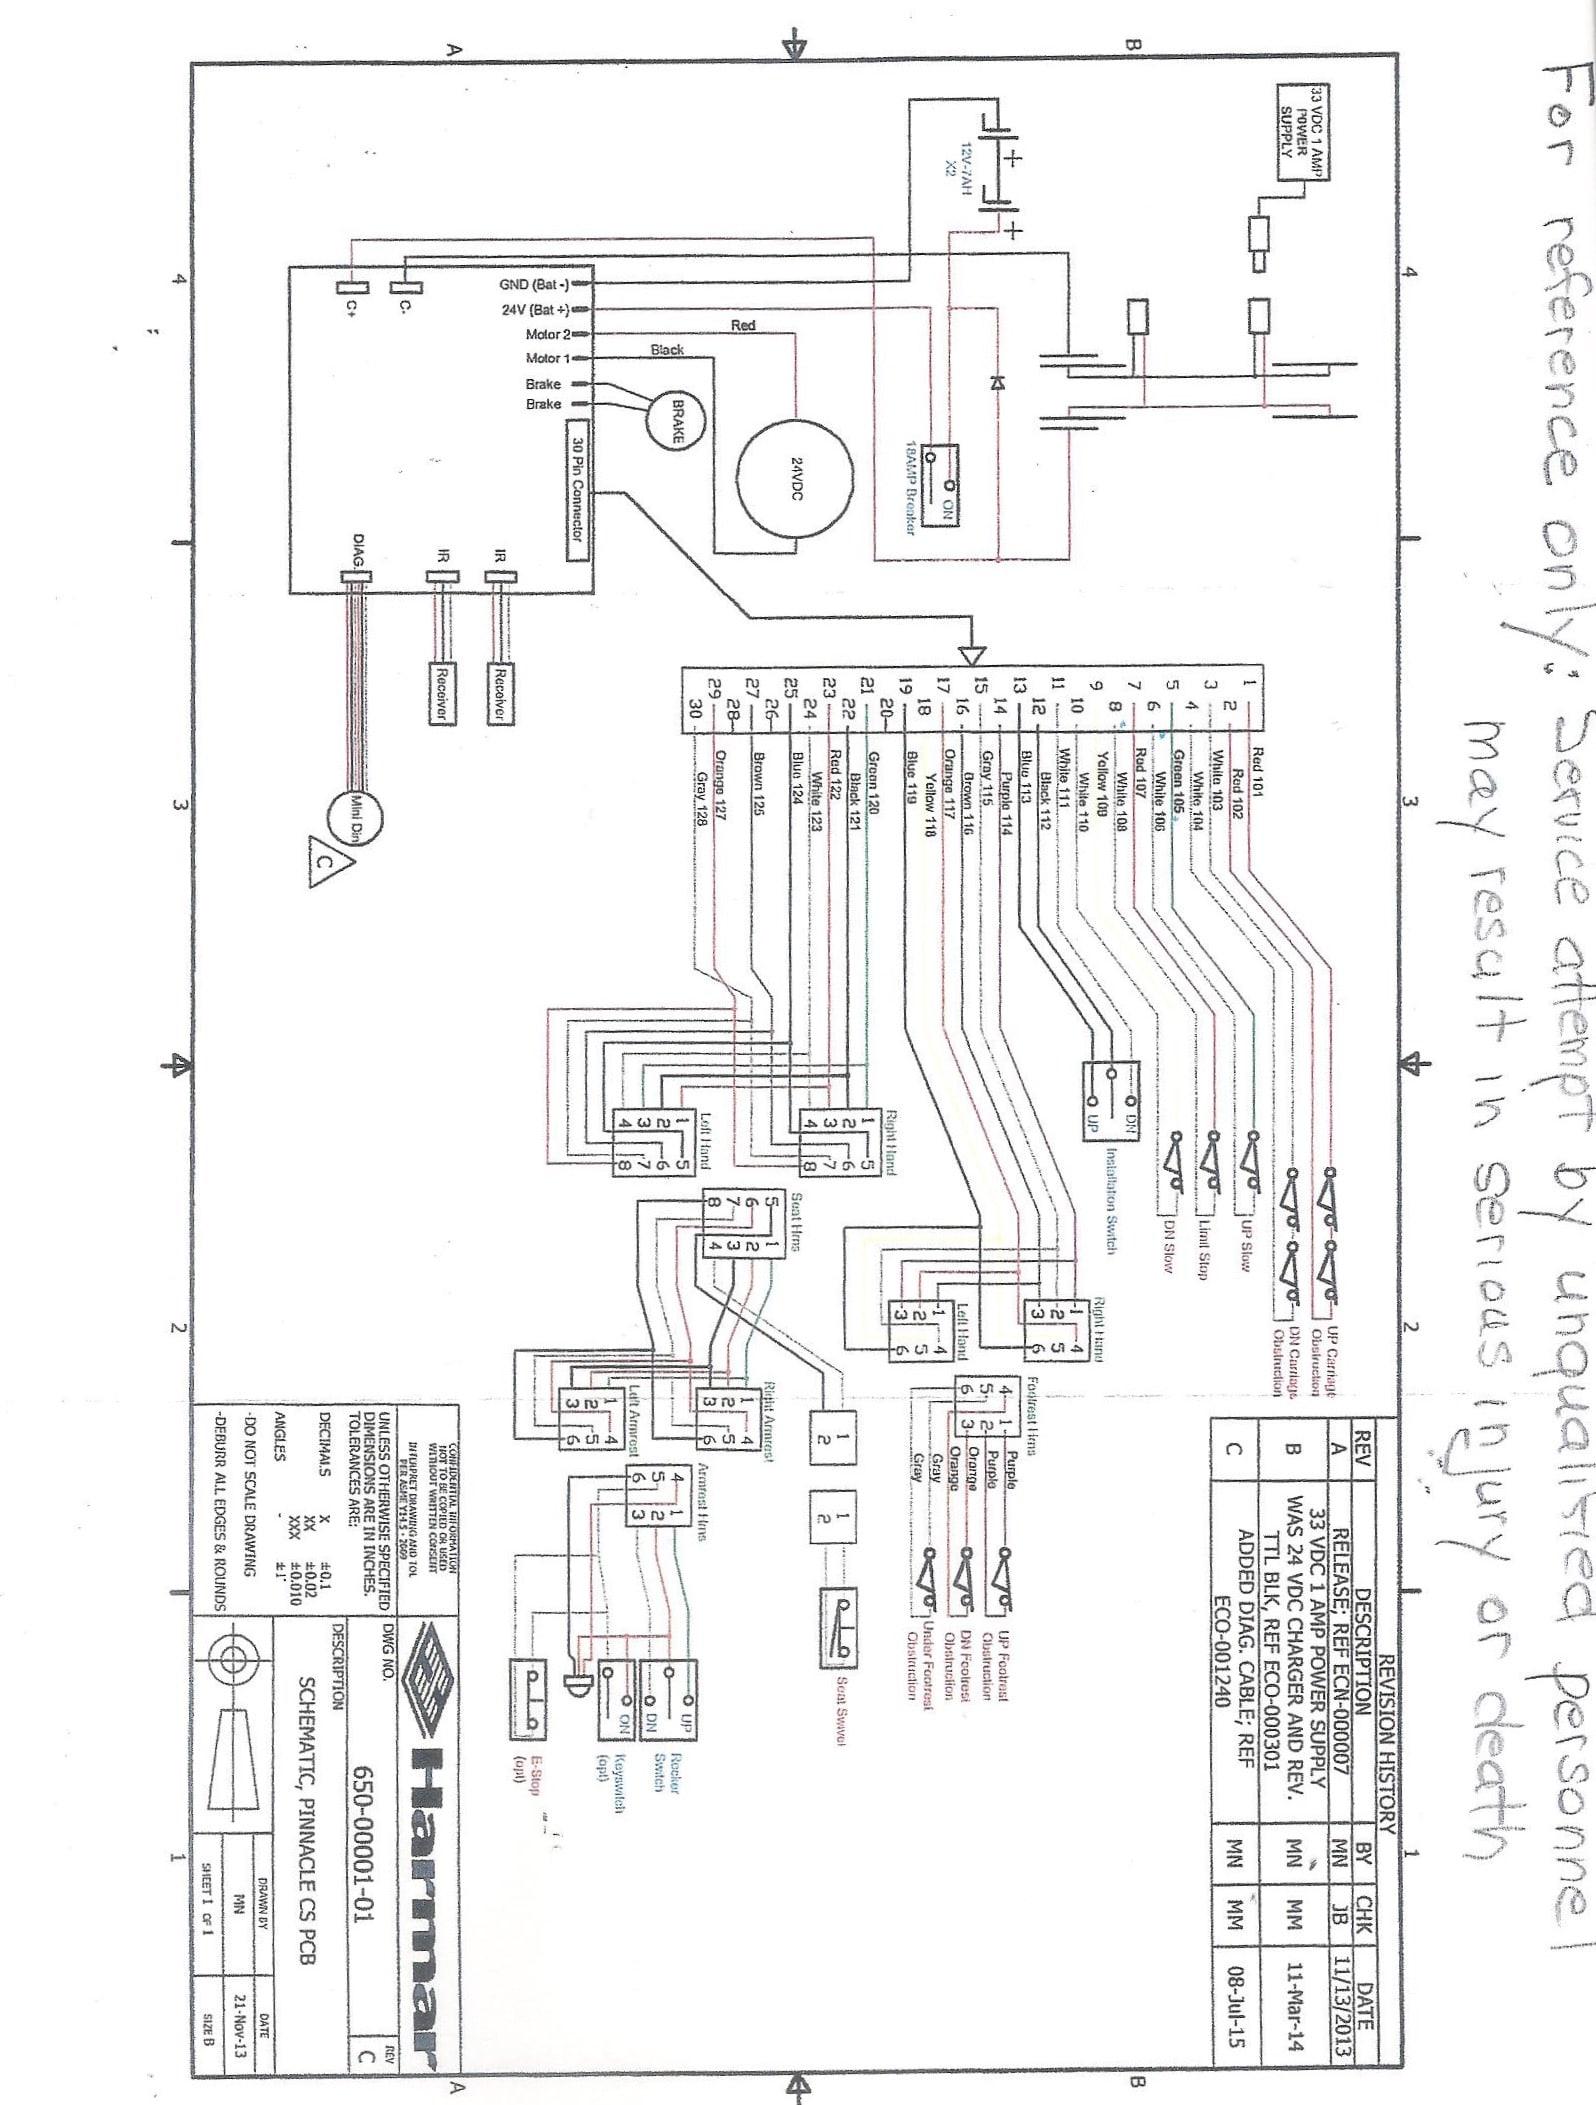 Harmar Al600 Wiring Diagram